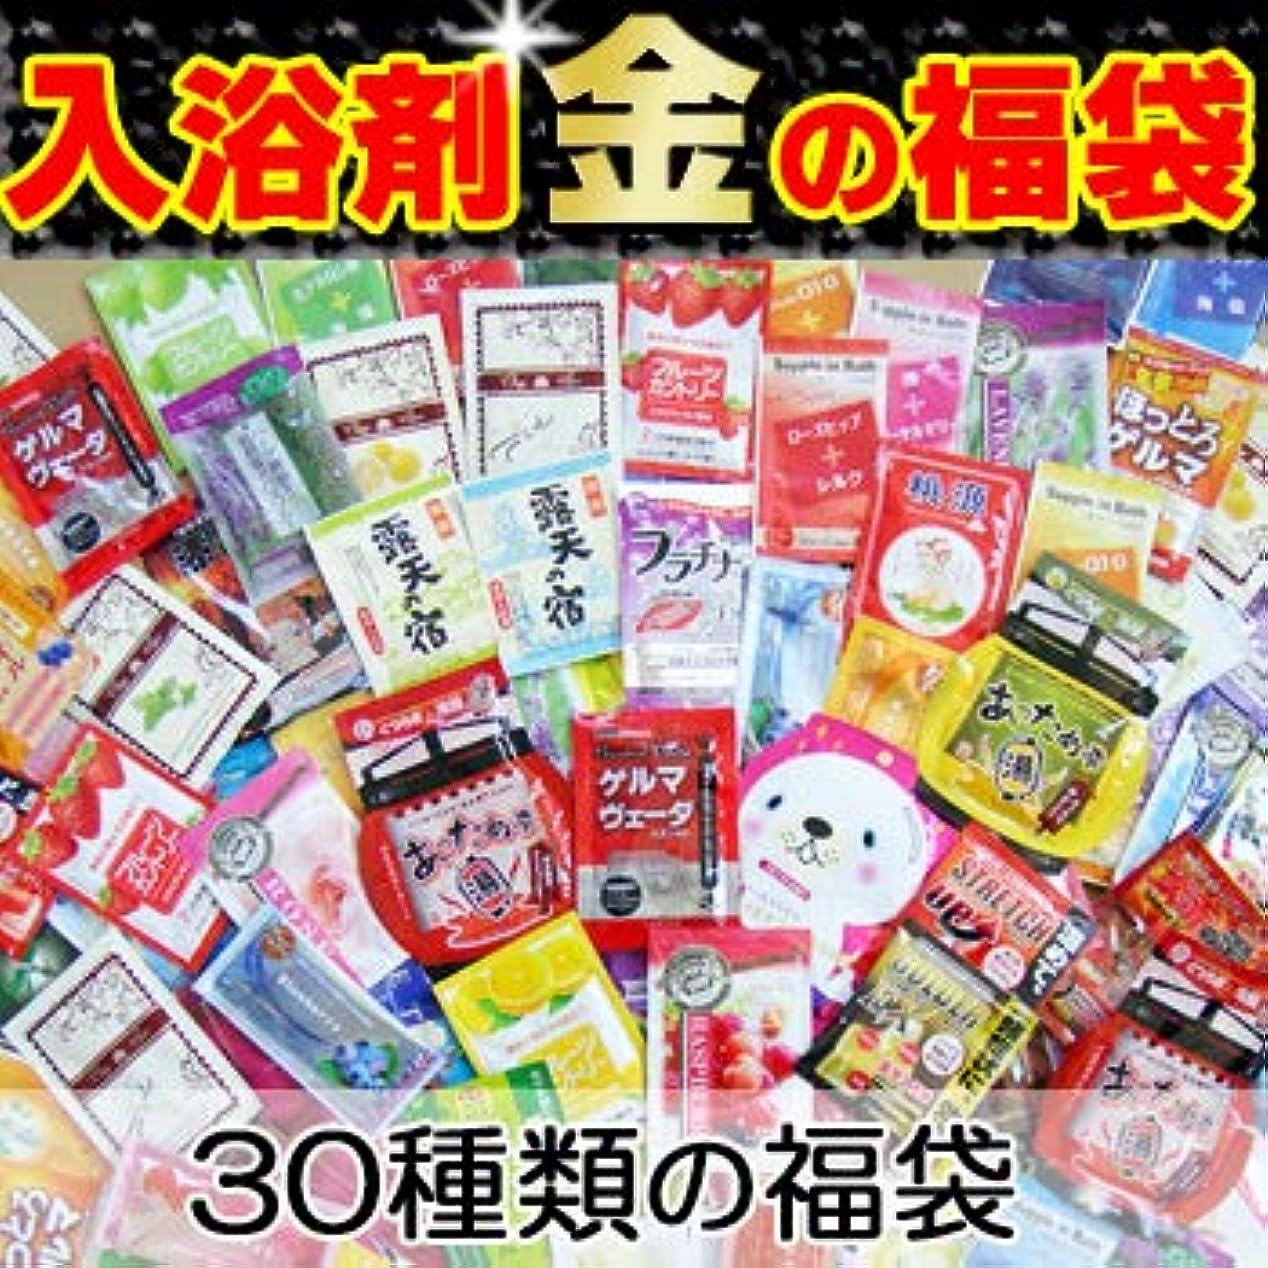 モディッシュインタフェースジャーナリストお試し入浴剤 金の福袋30種類!30日分 入浴剤福袋 安心の日本製!